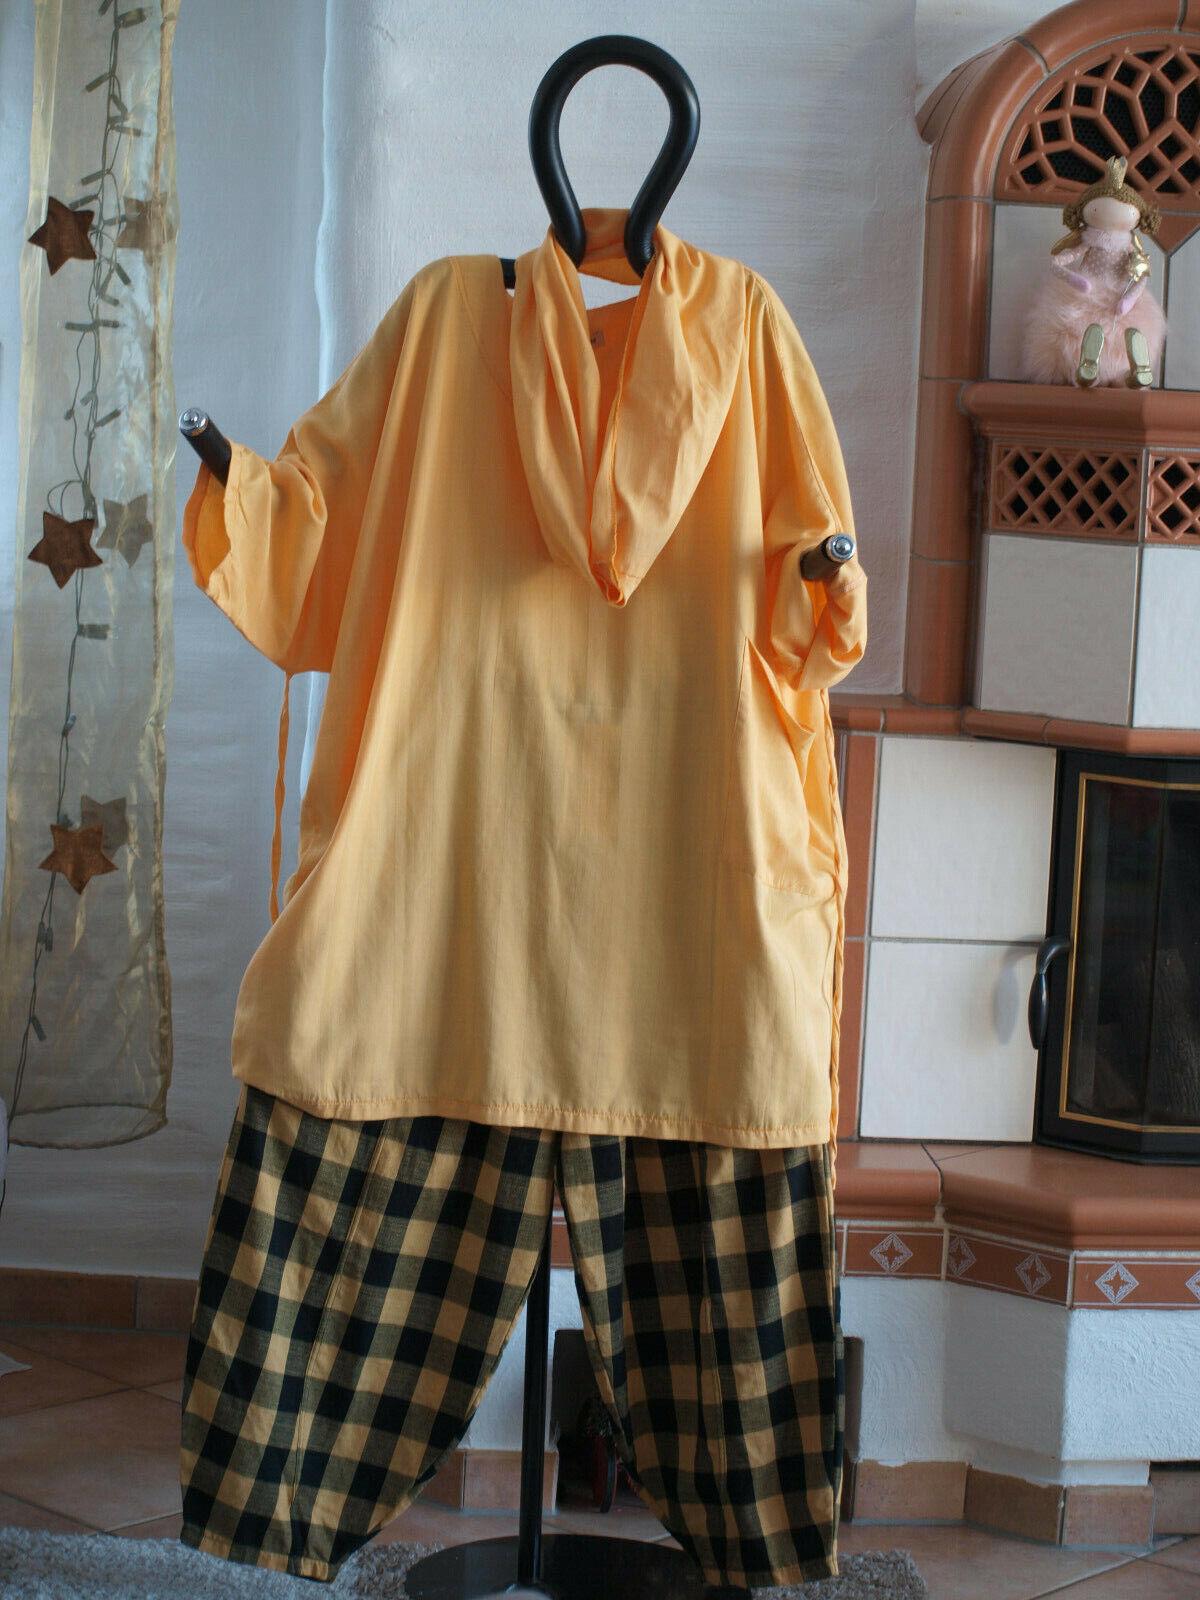 1951 LABASS Lagenlook Baumwoll Shirt mit Schal STRIPES gelb unifarben EG